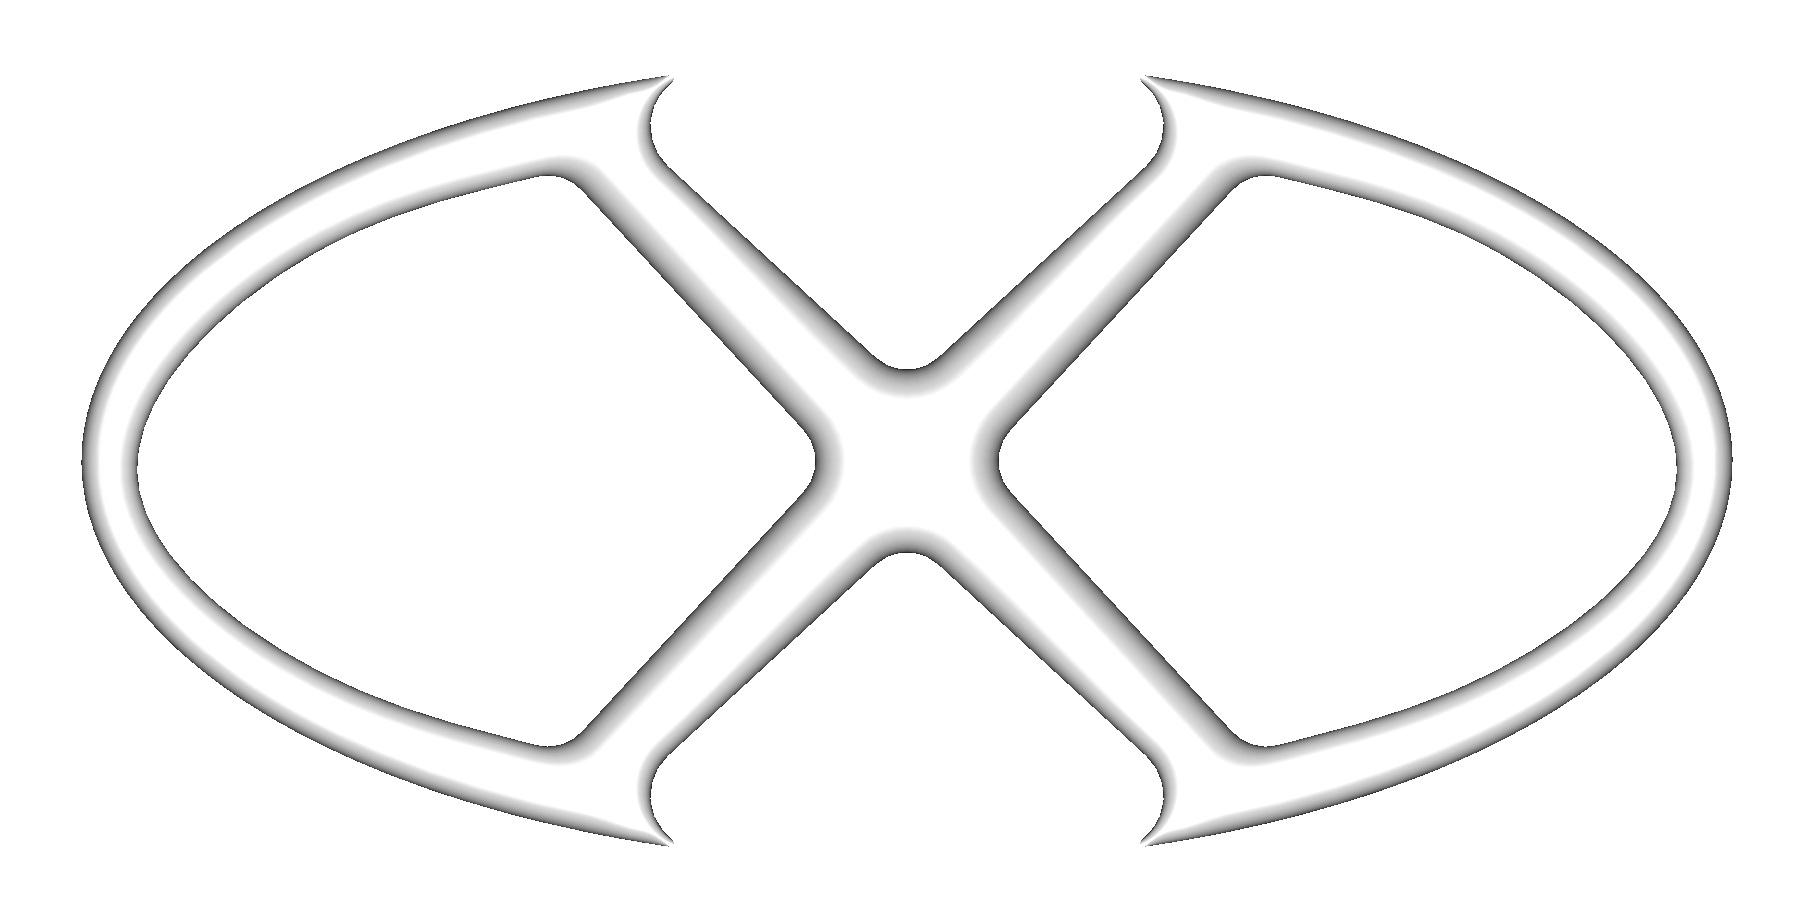 Drift brake line kit - Series 4